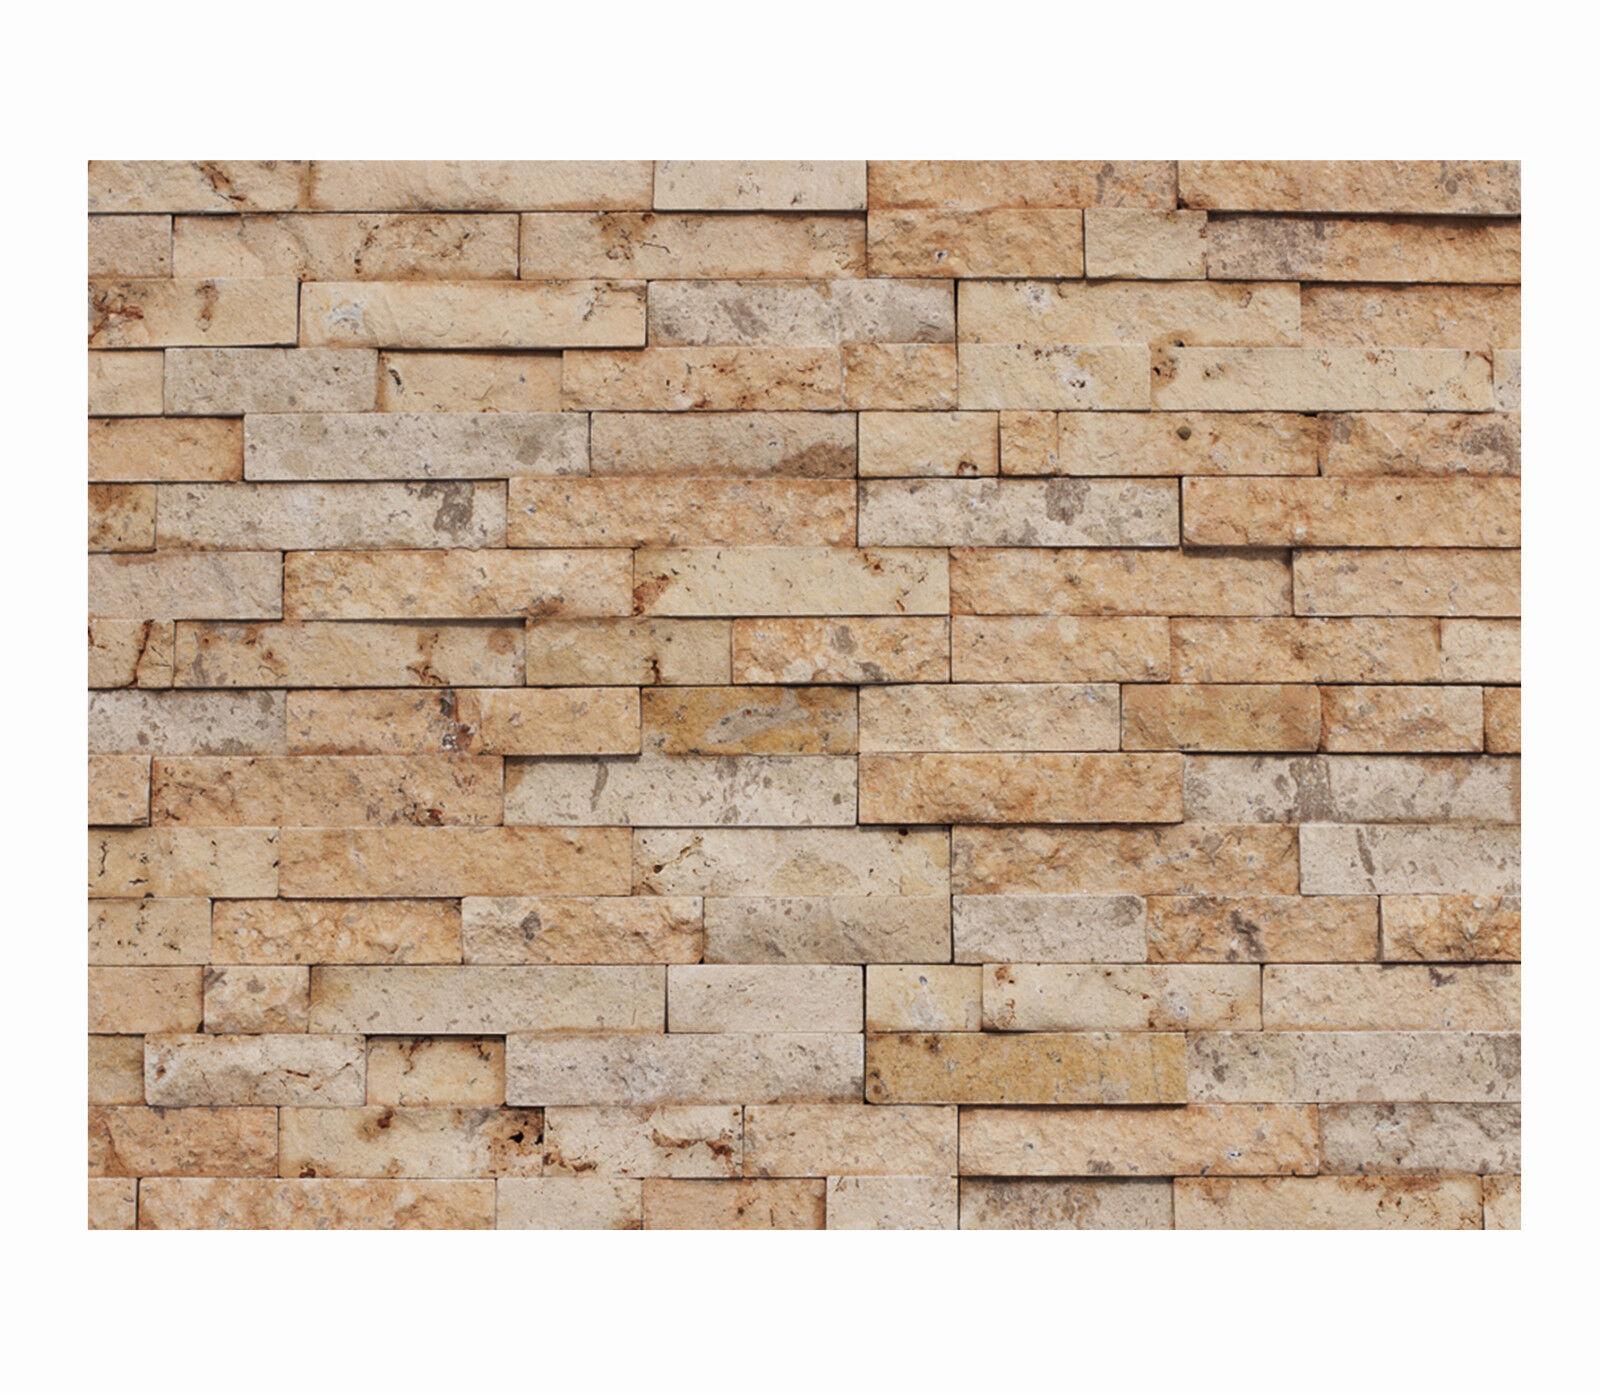 1 qm - W-014 - Naturstein-Wand - Fliesen Lager Stein-mosaik Herne - Wanddesign -